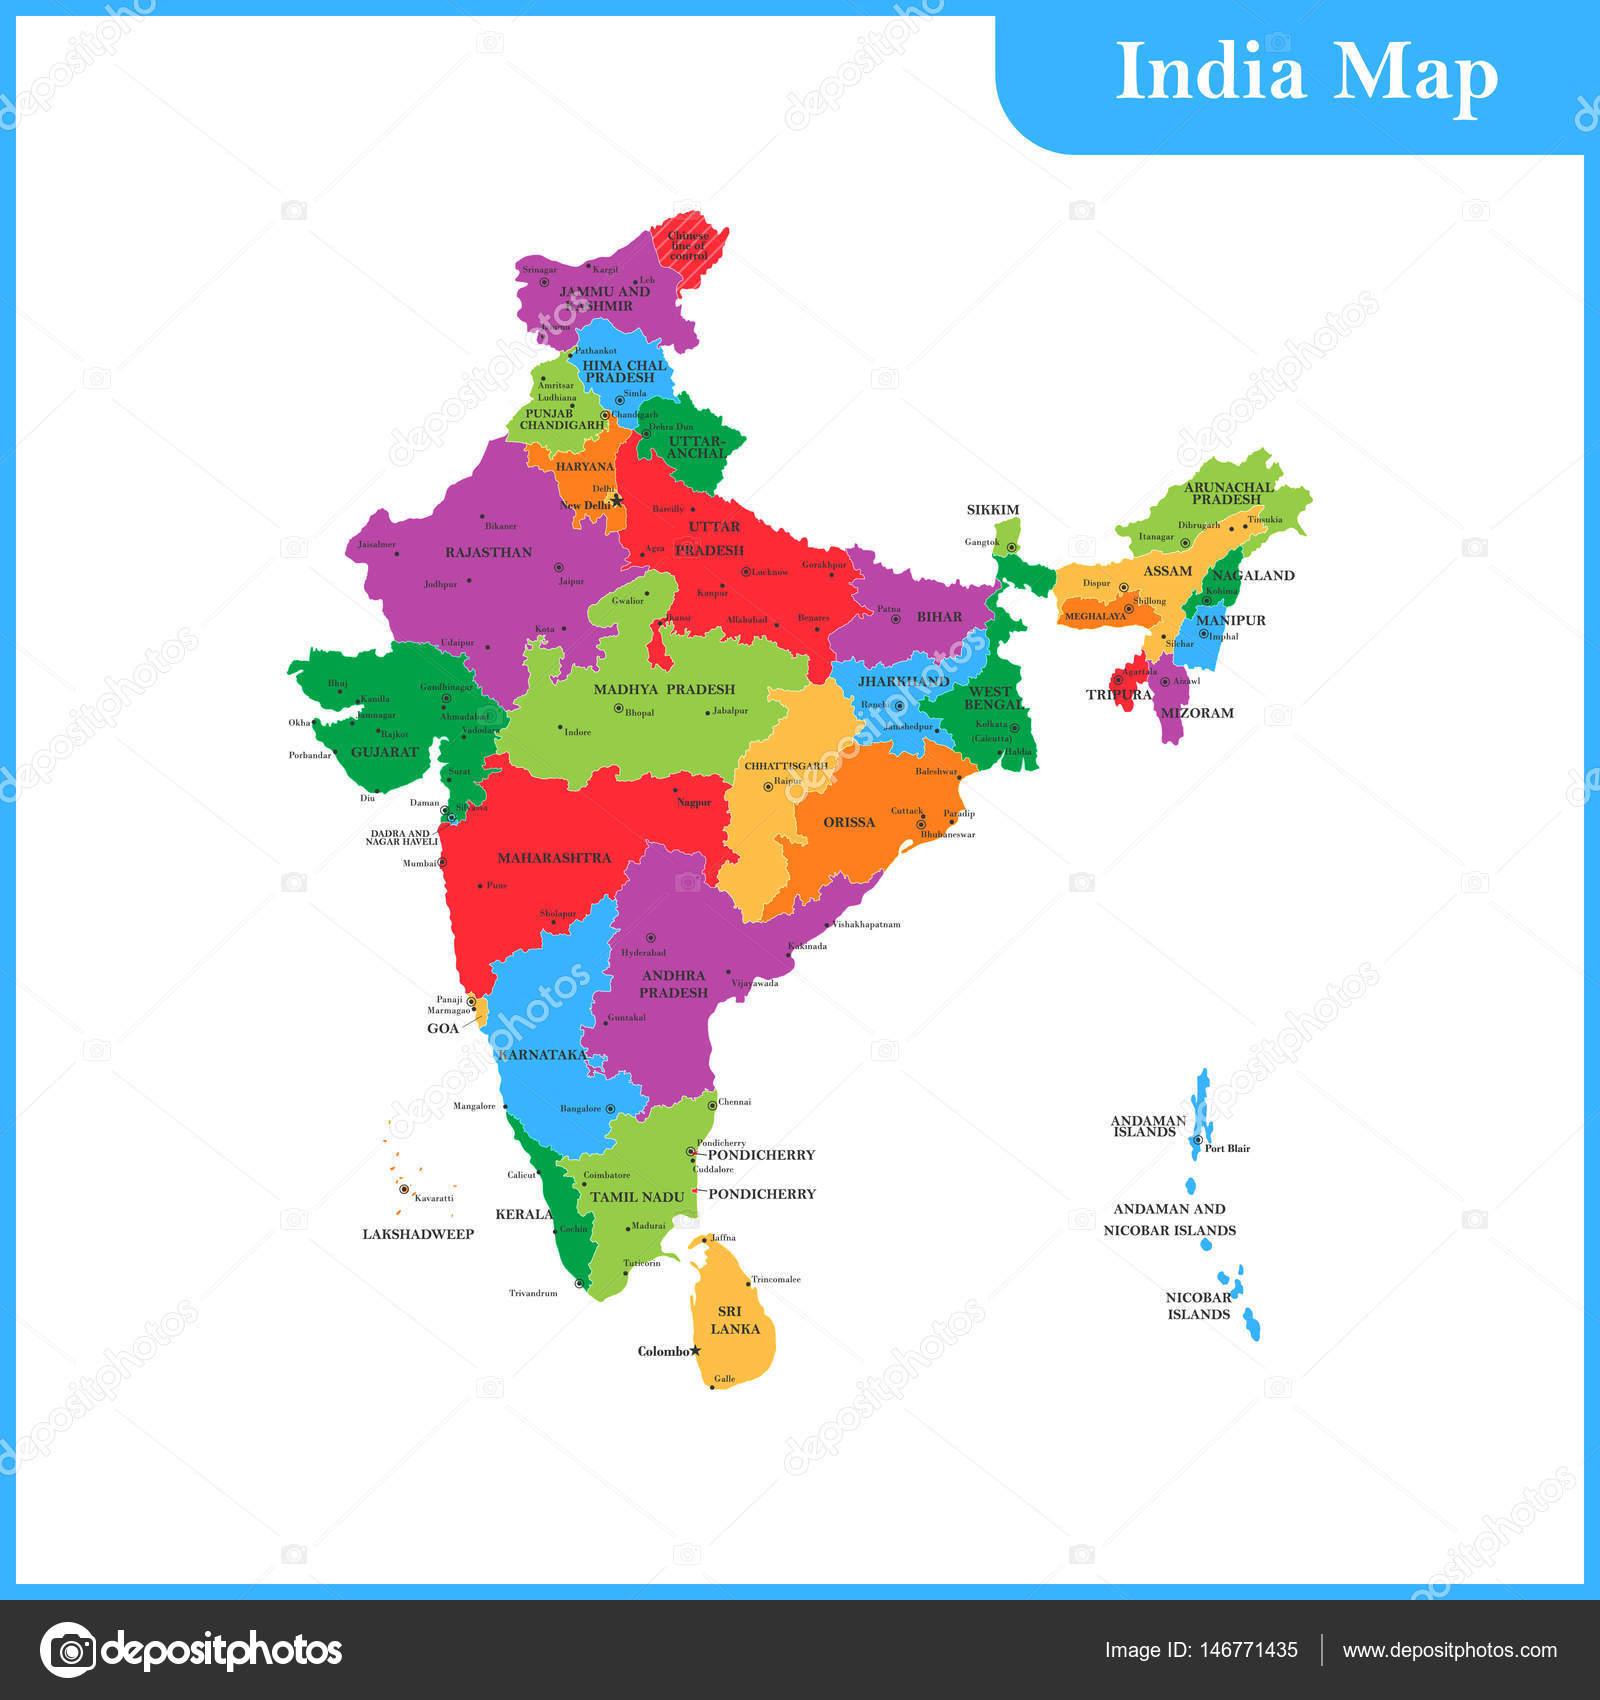 Carte Inde Et Sri Lanka.La Carte Detaillee De L Inde Avec Les Regions Ou Etats Et